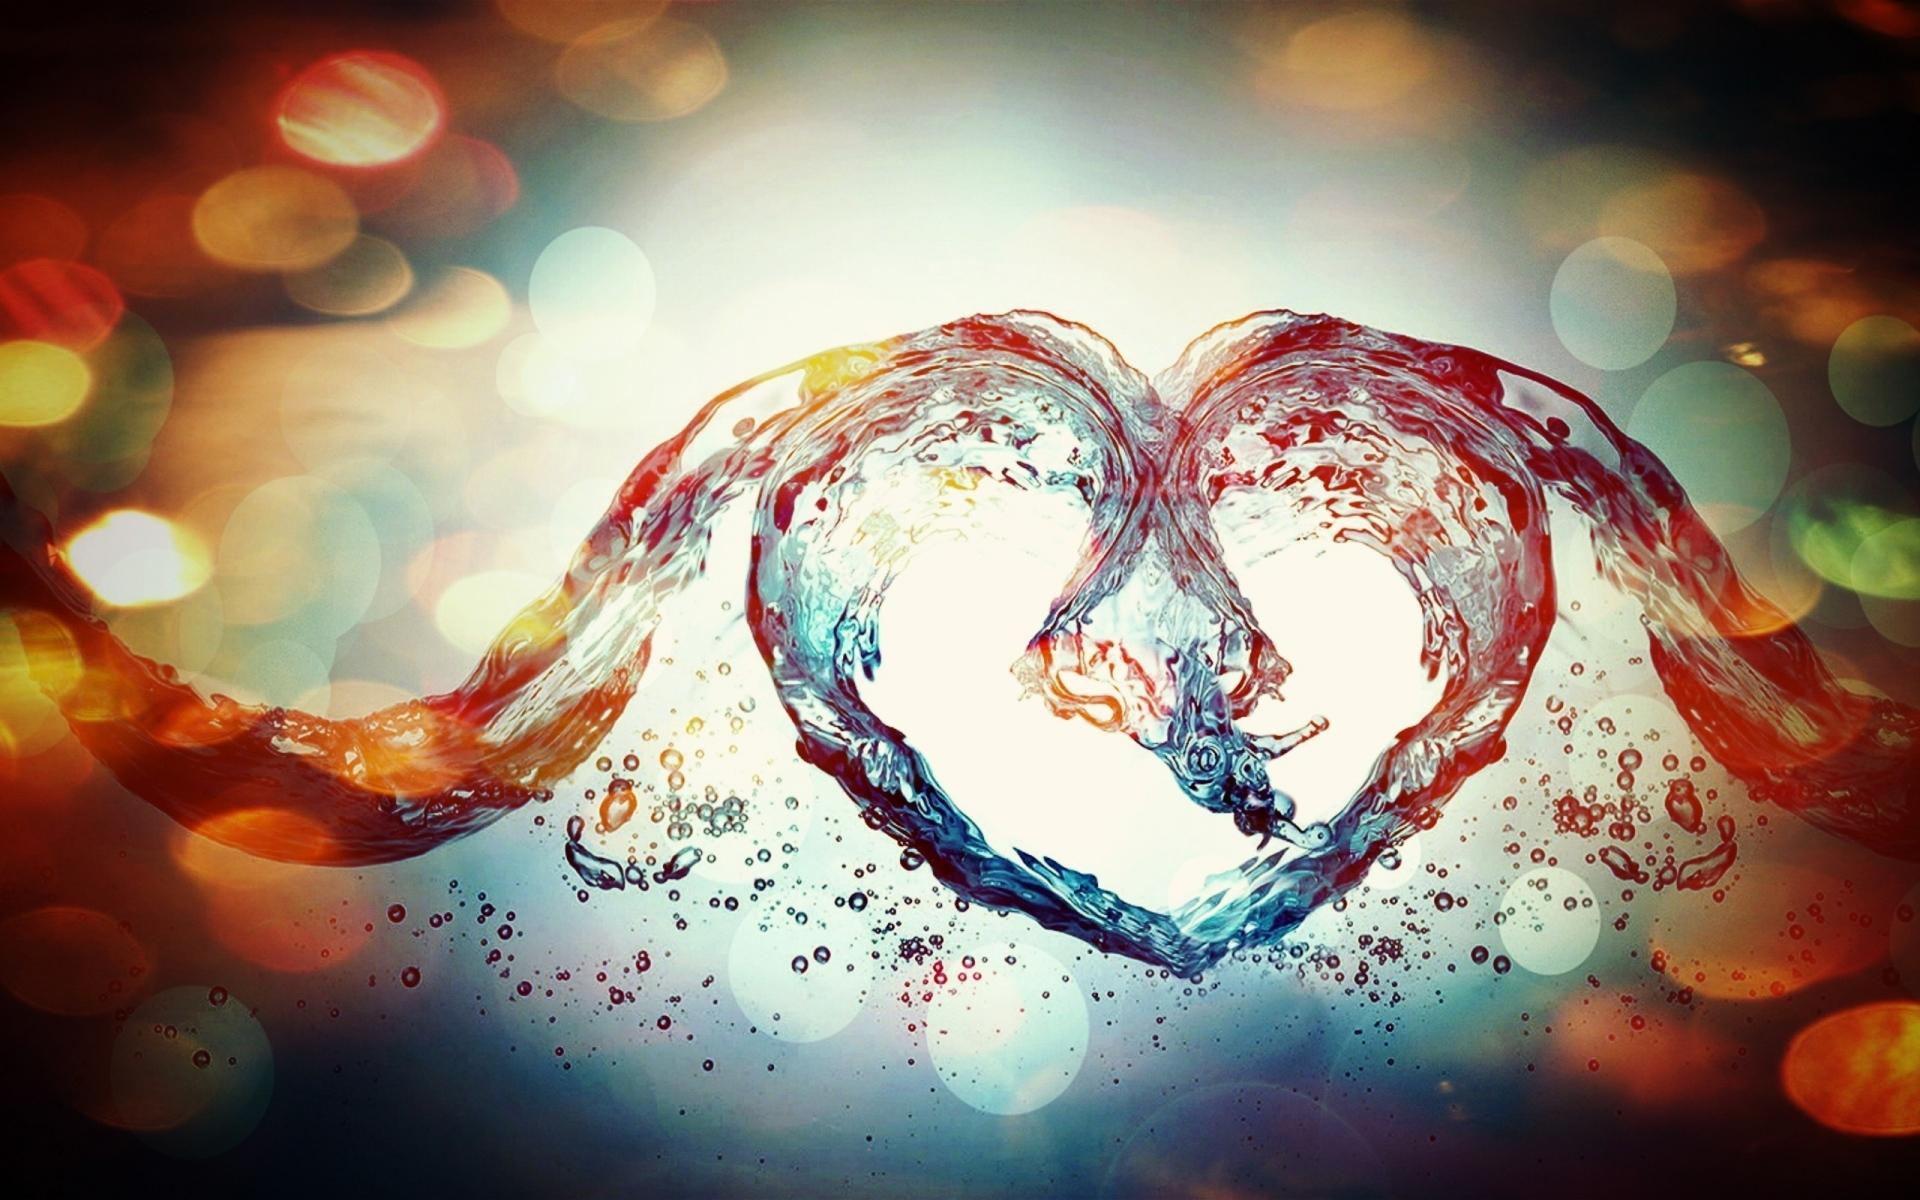 Картинки Сердце, блики, пятна, вода, жидкость фото и обои на рабочий стол